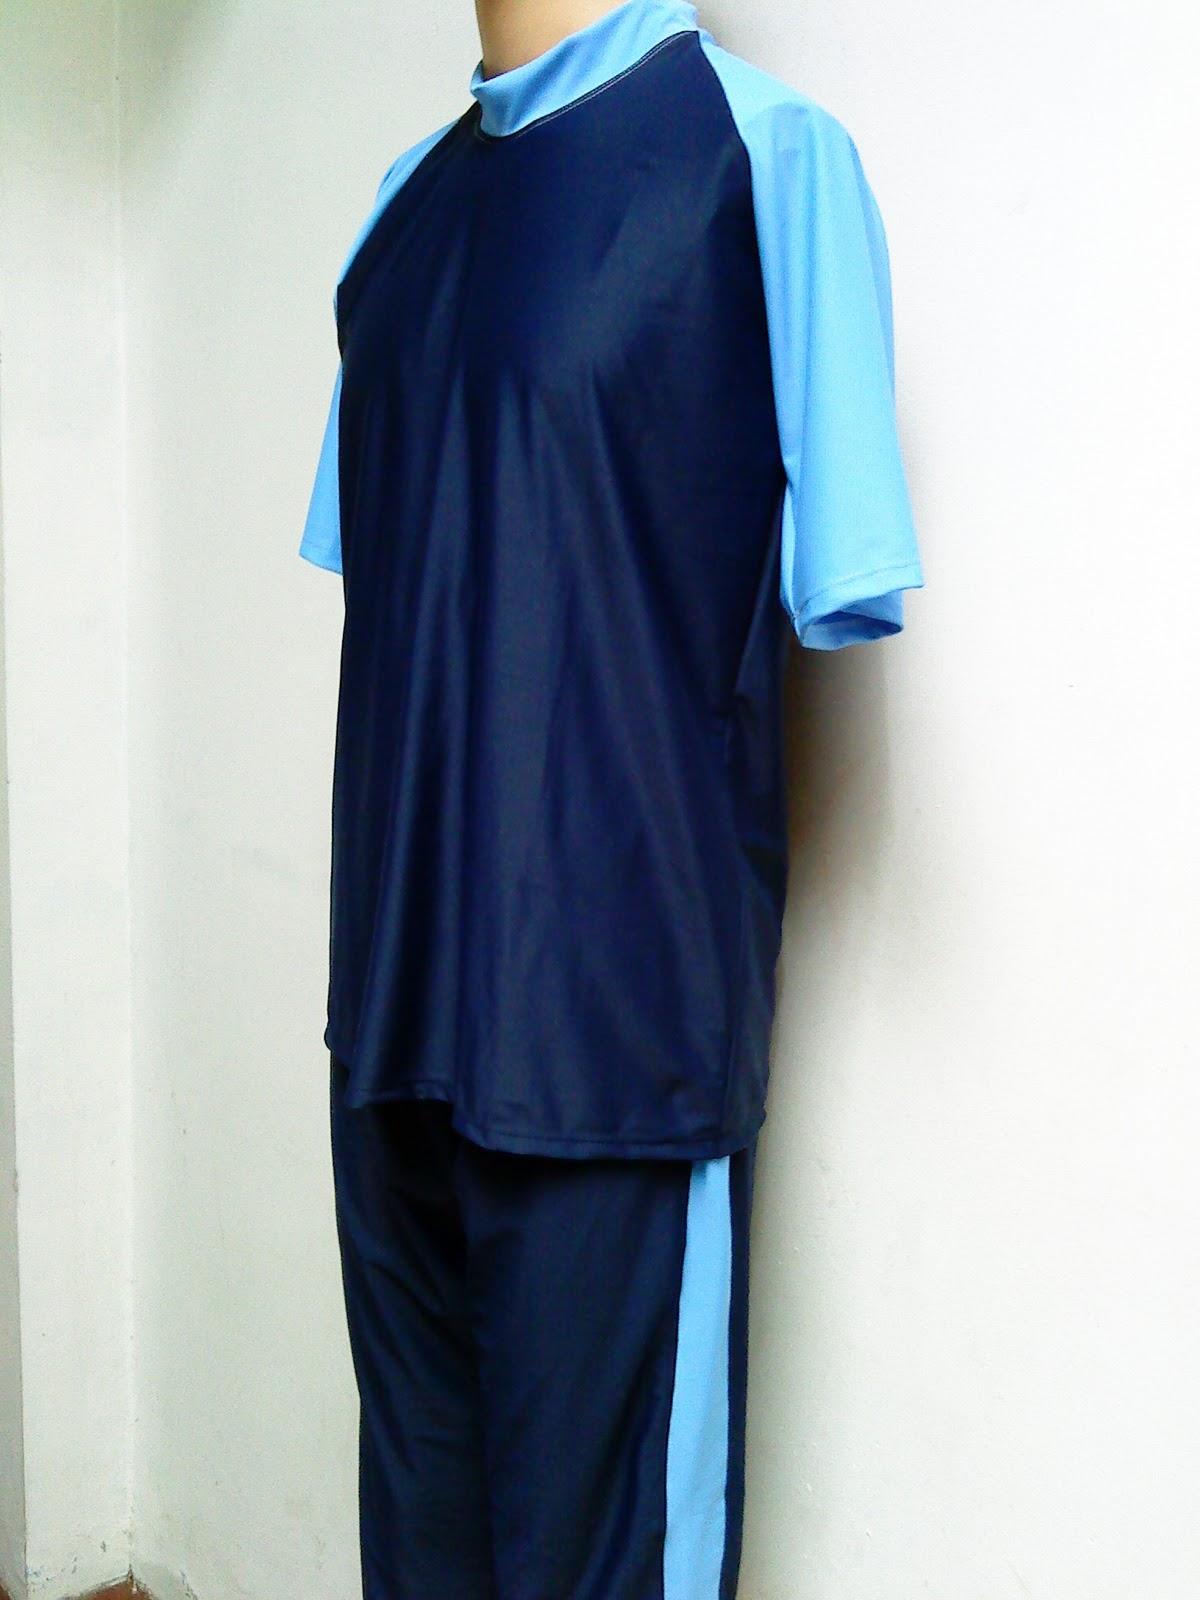 Qesya Baju Renang Muslim Laki Laki Kode 1120035